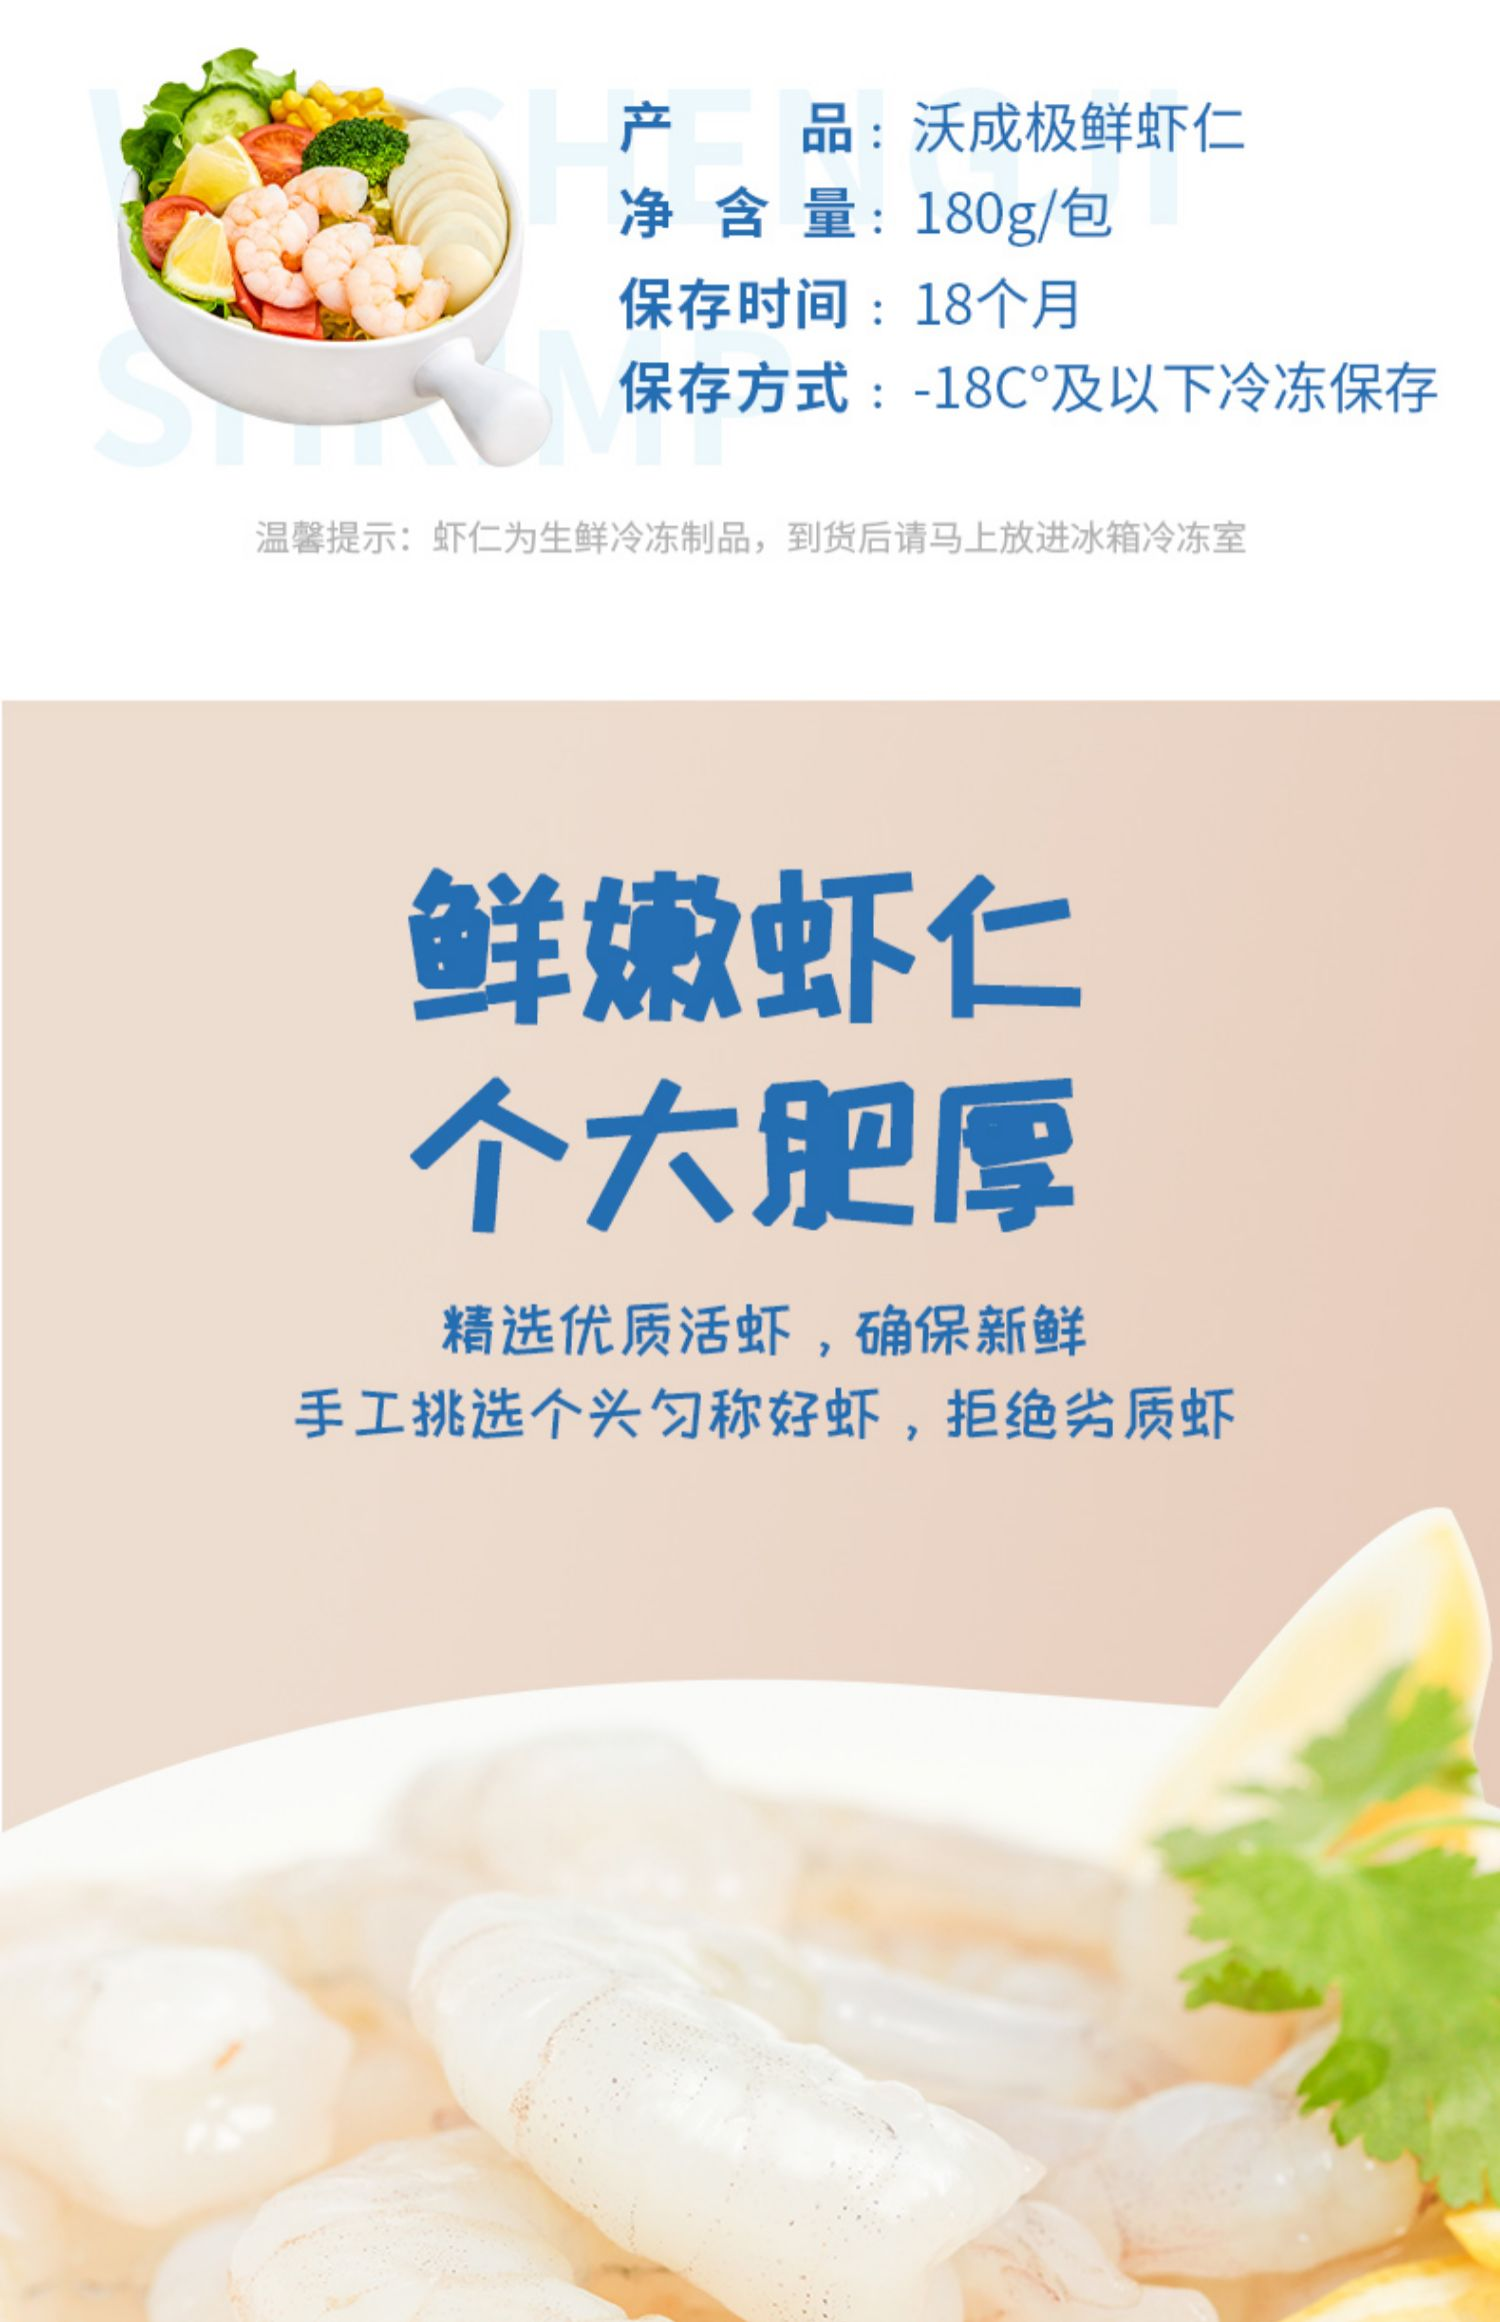 顺丰!南海特级速冻青虾仁180g×3